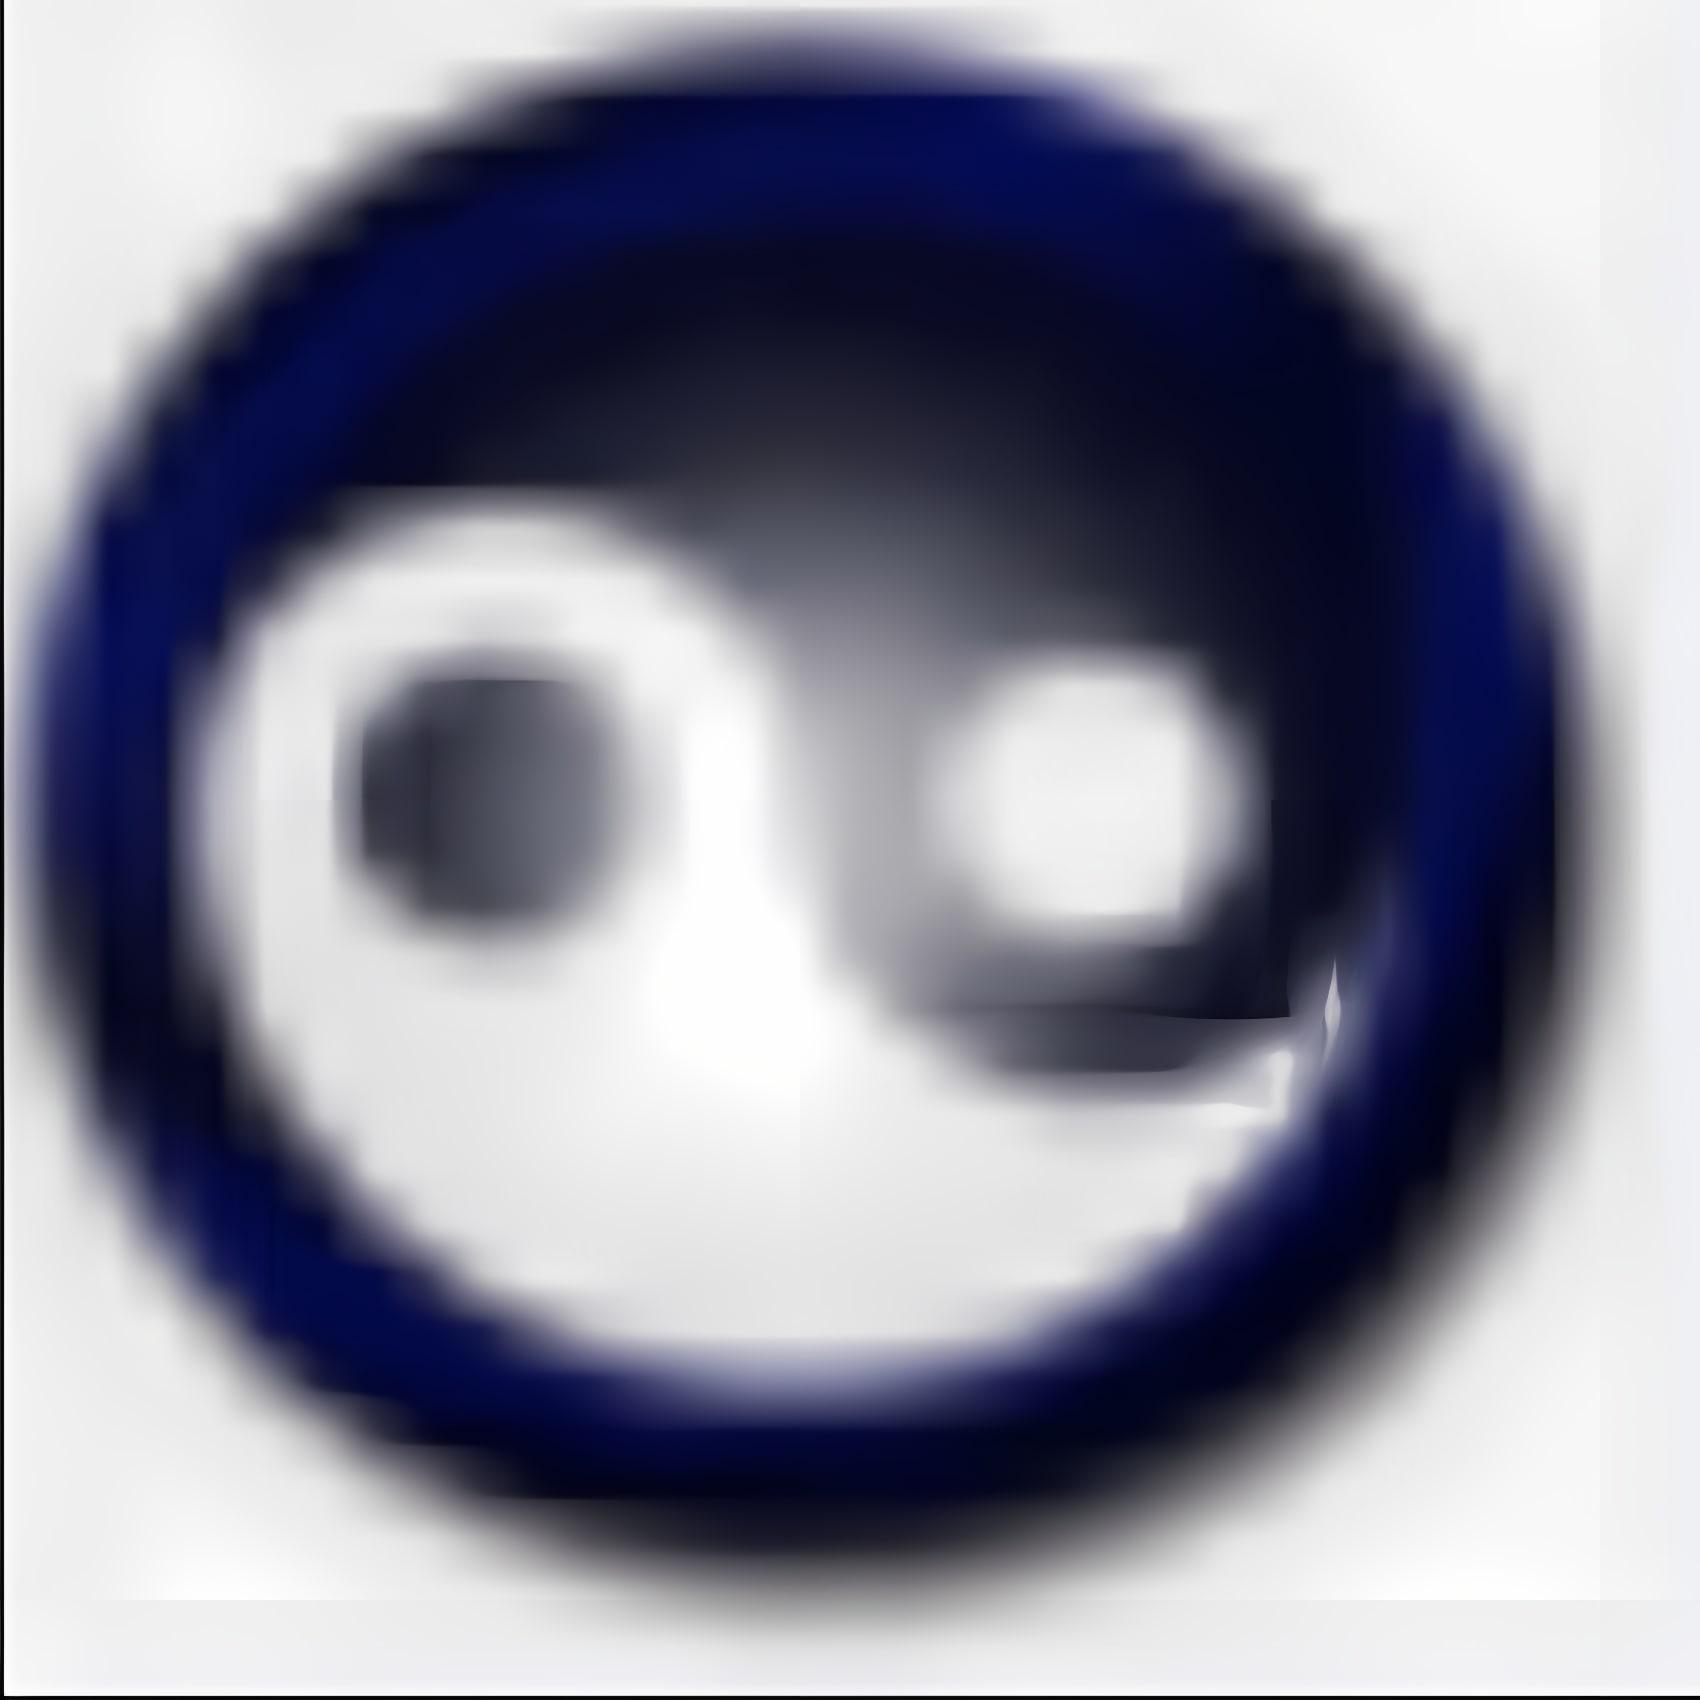 Aobo Web Filter